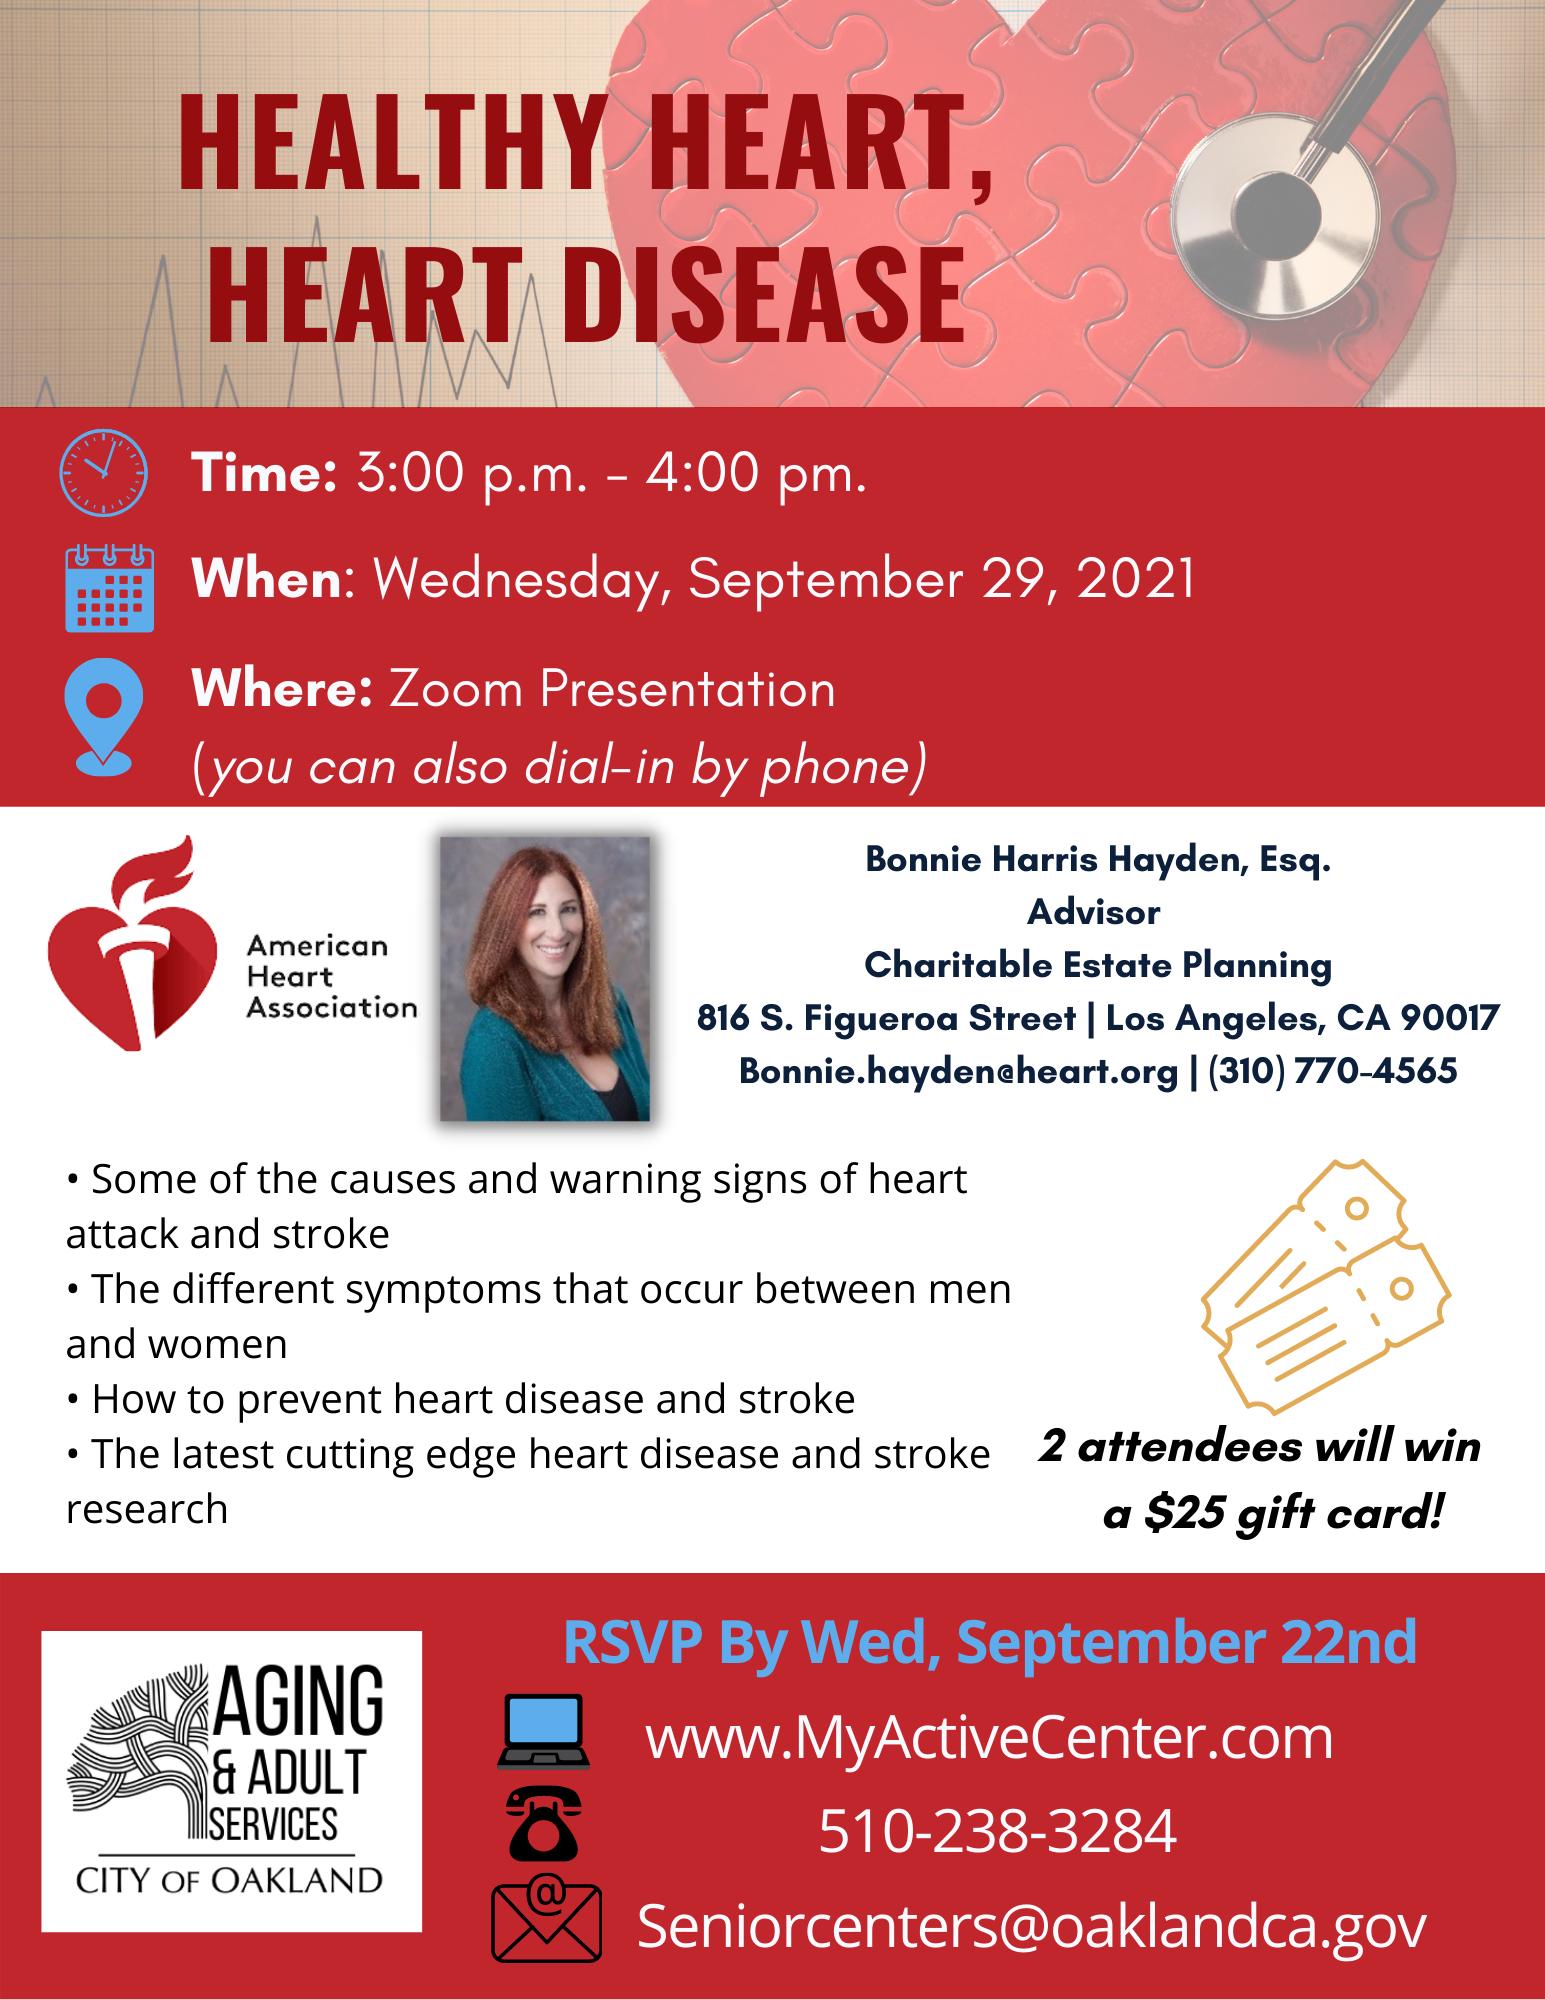 Healthy Heart, Heart Disease Presentation Image